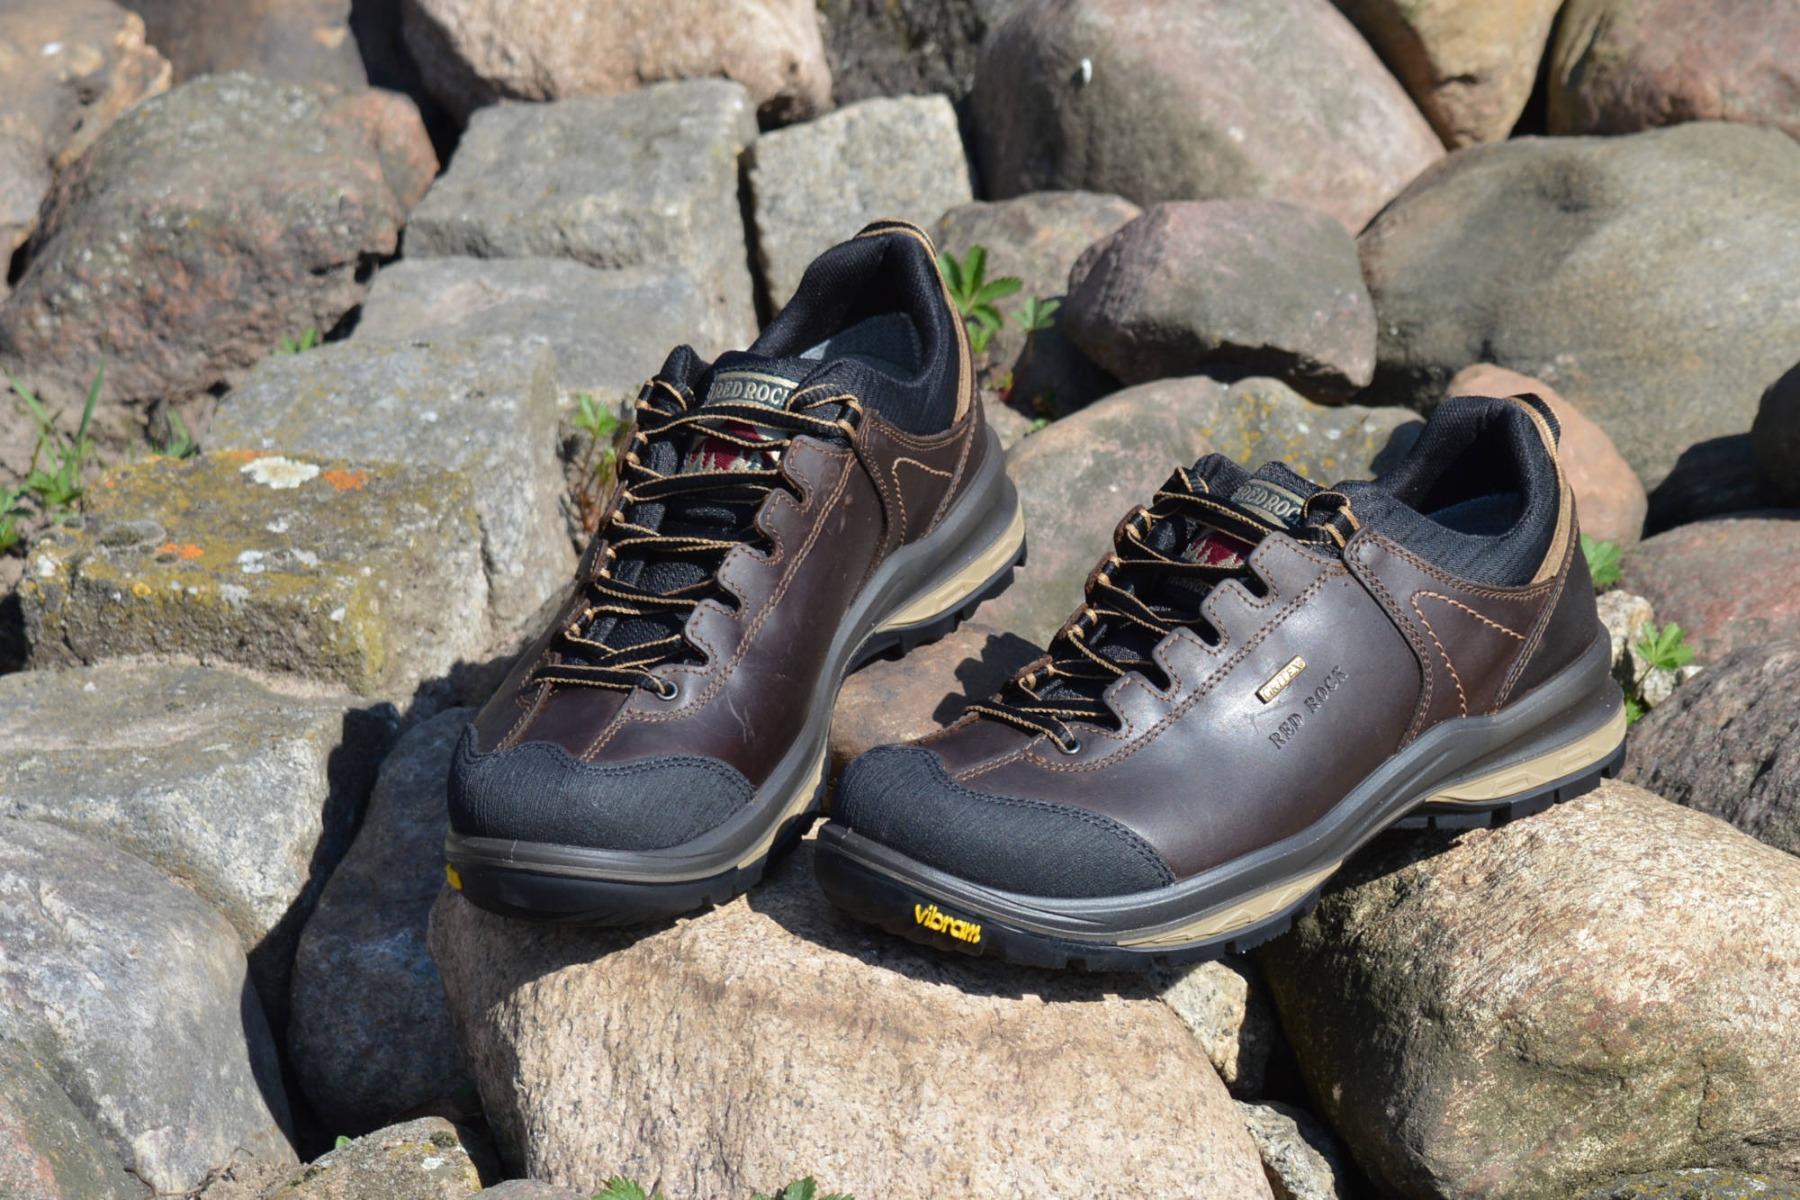 Półbuty Red Rock 12527, to niezwykle wygodne buty do codziennego użytku, które sprawdzą się zarówno w lesie, jak i na górskich, kamieniach ścieżkach.